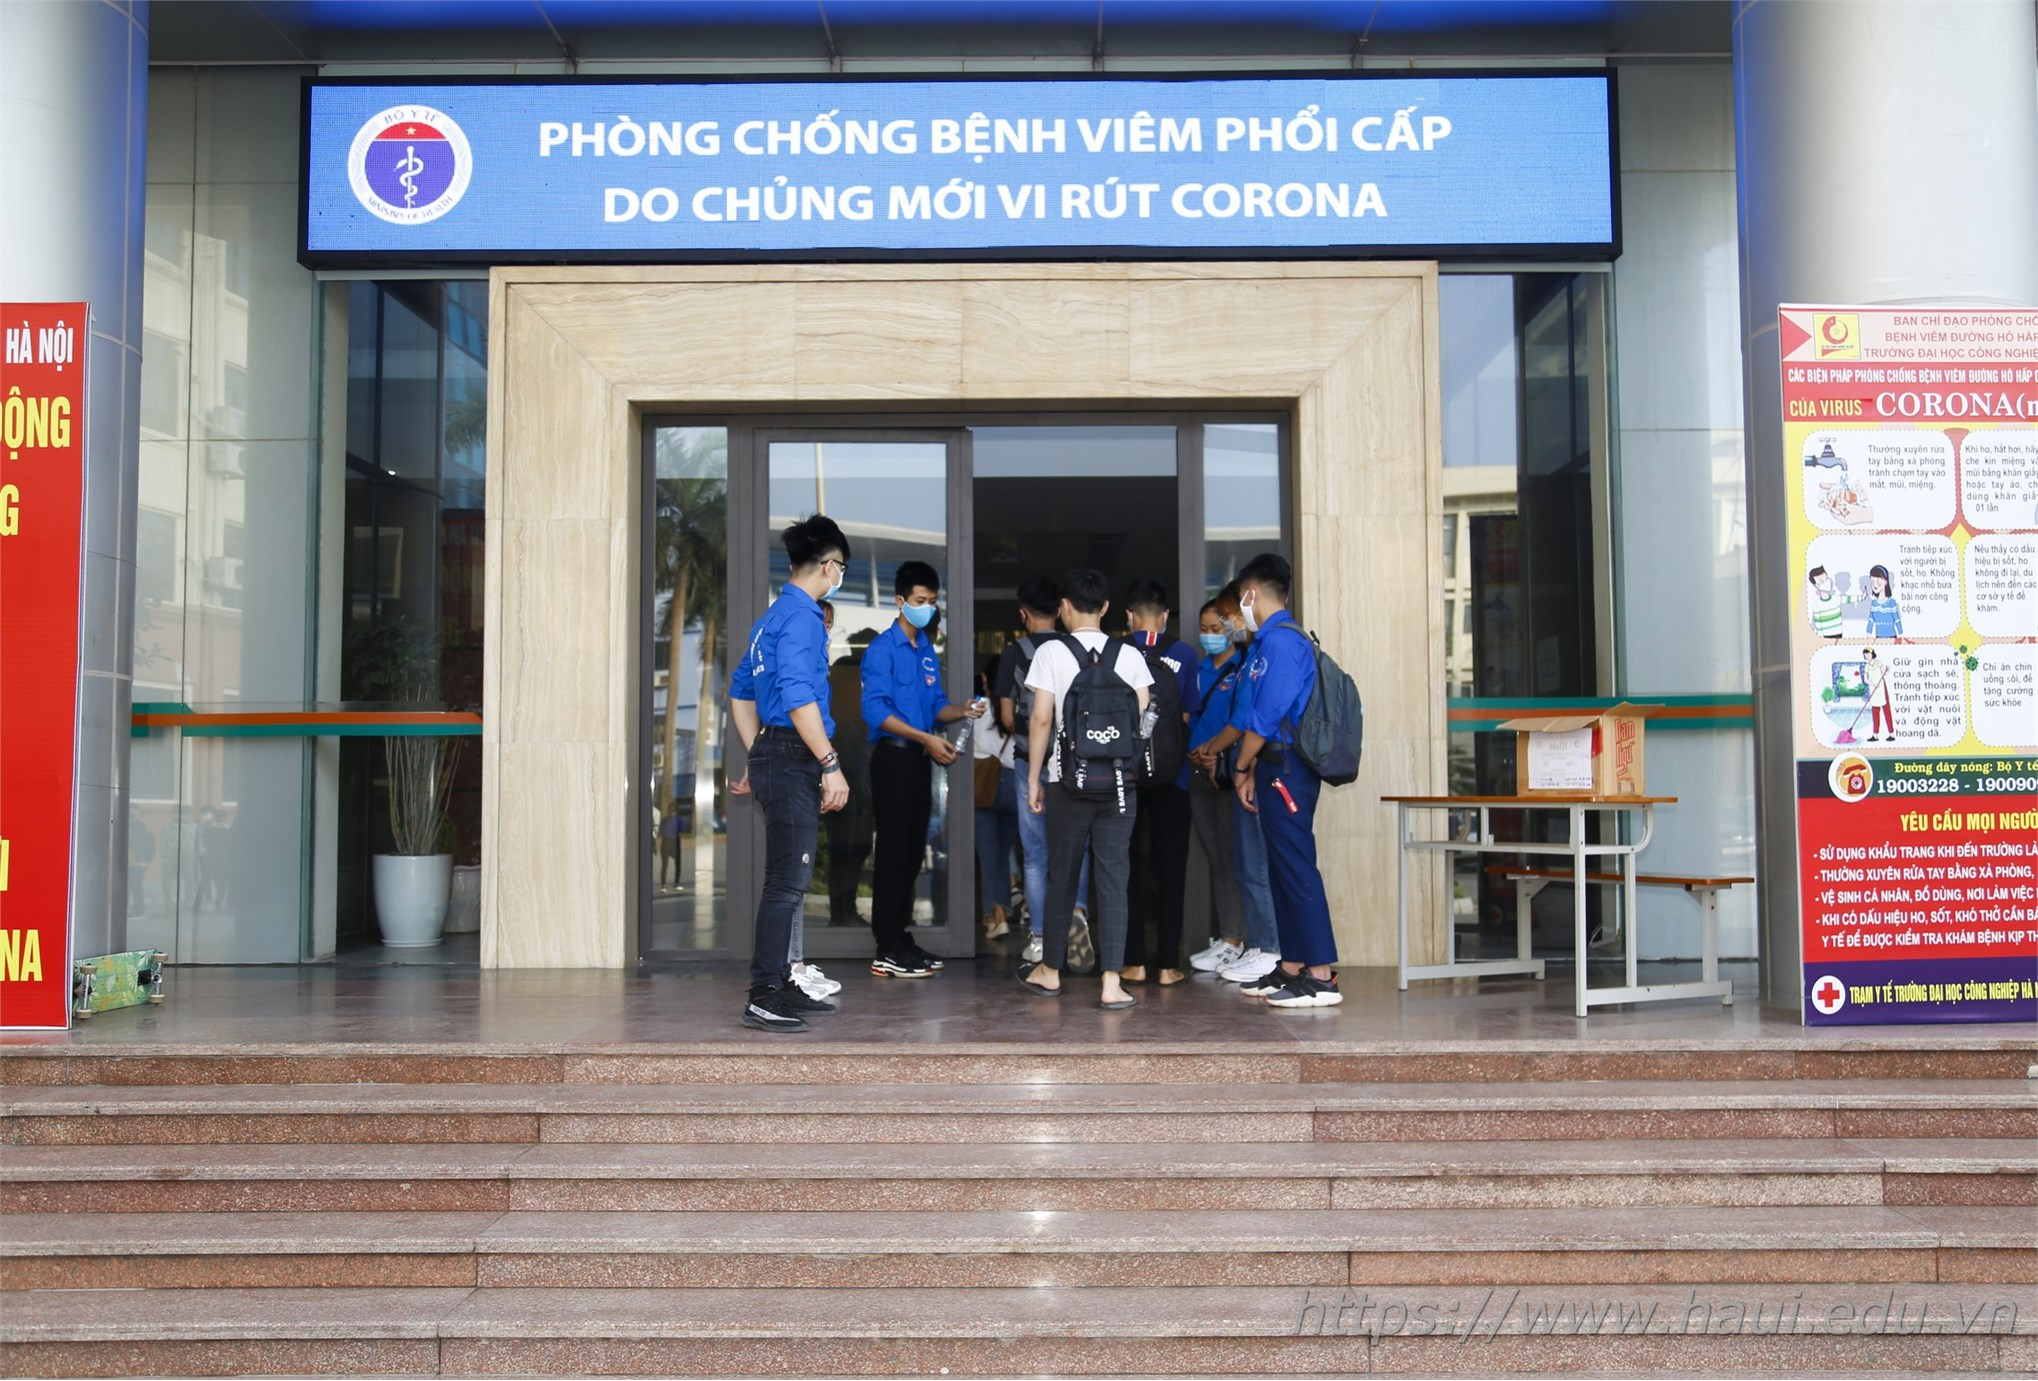 Sinh viên Đại học Công nghiệp Hà Nội hân hoan trở lại trường